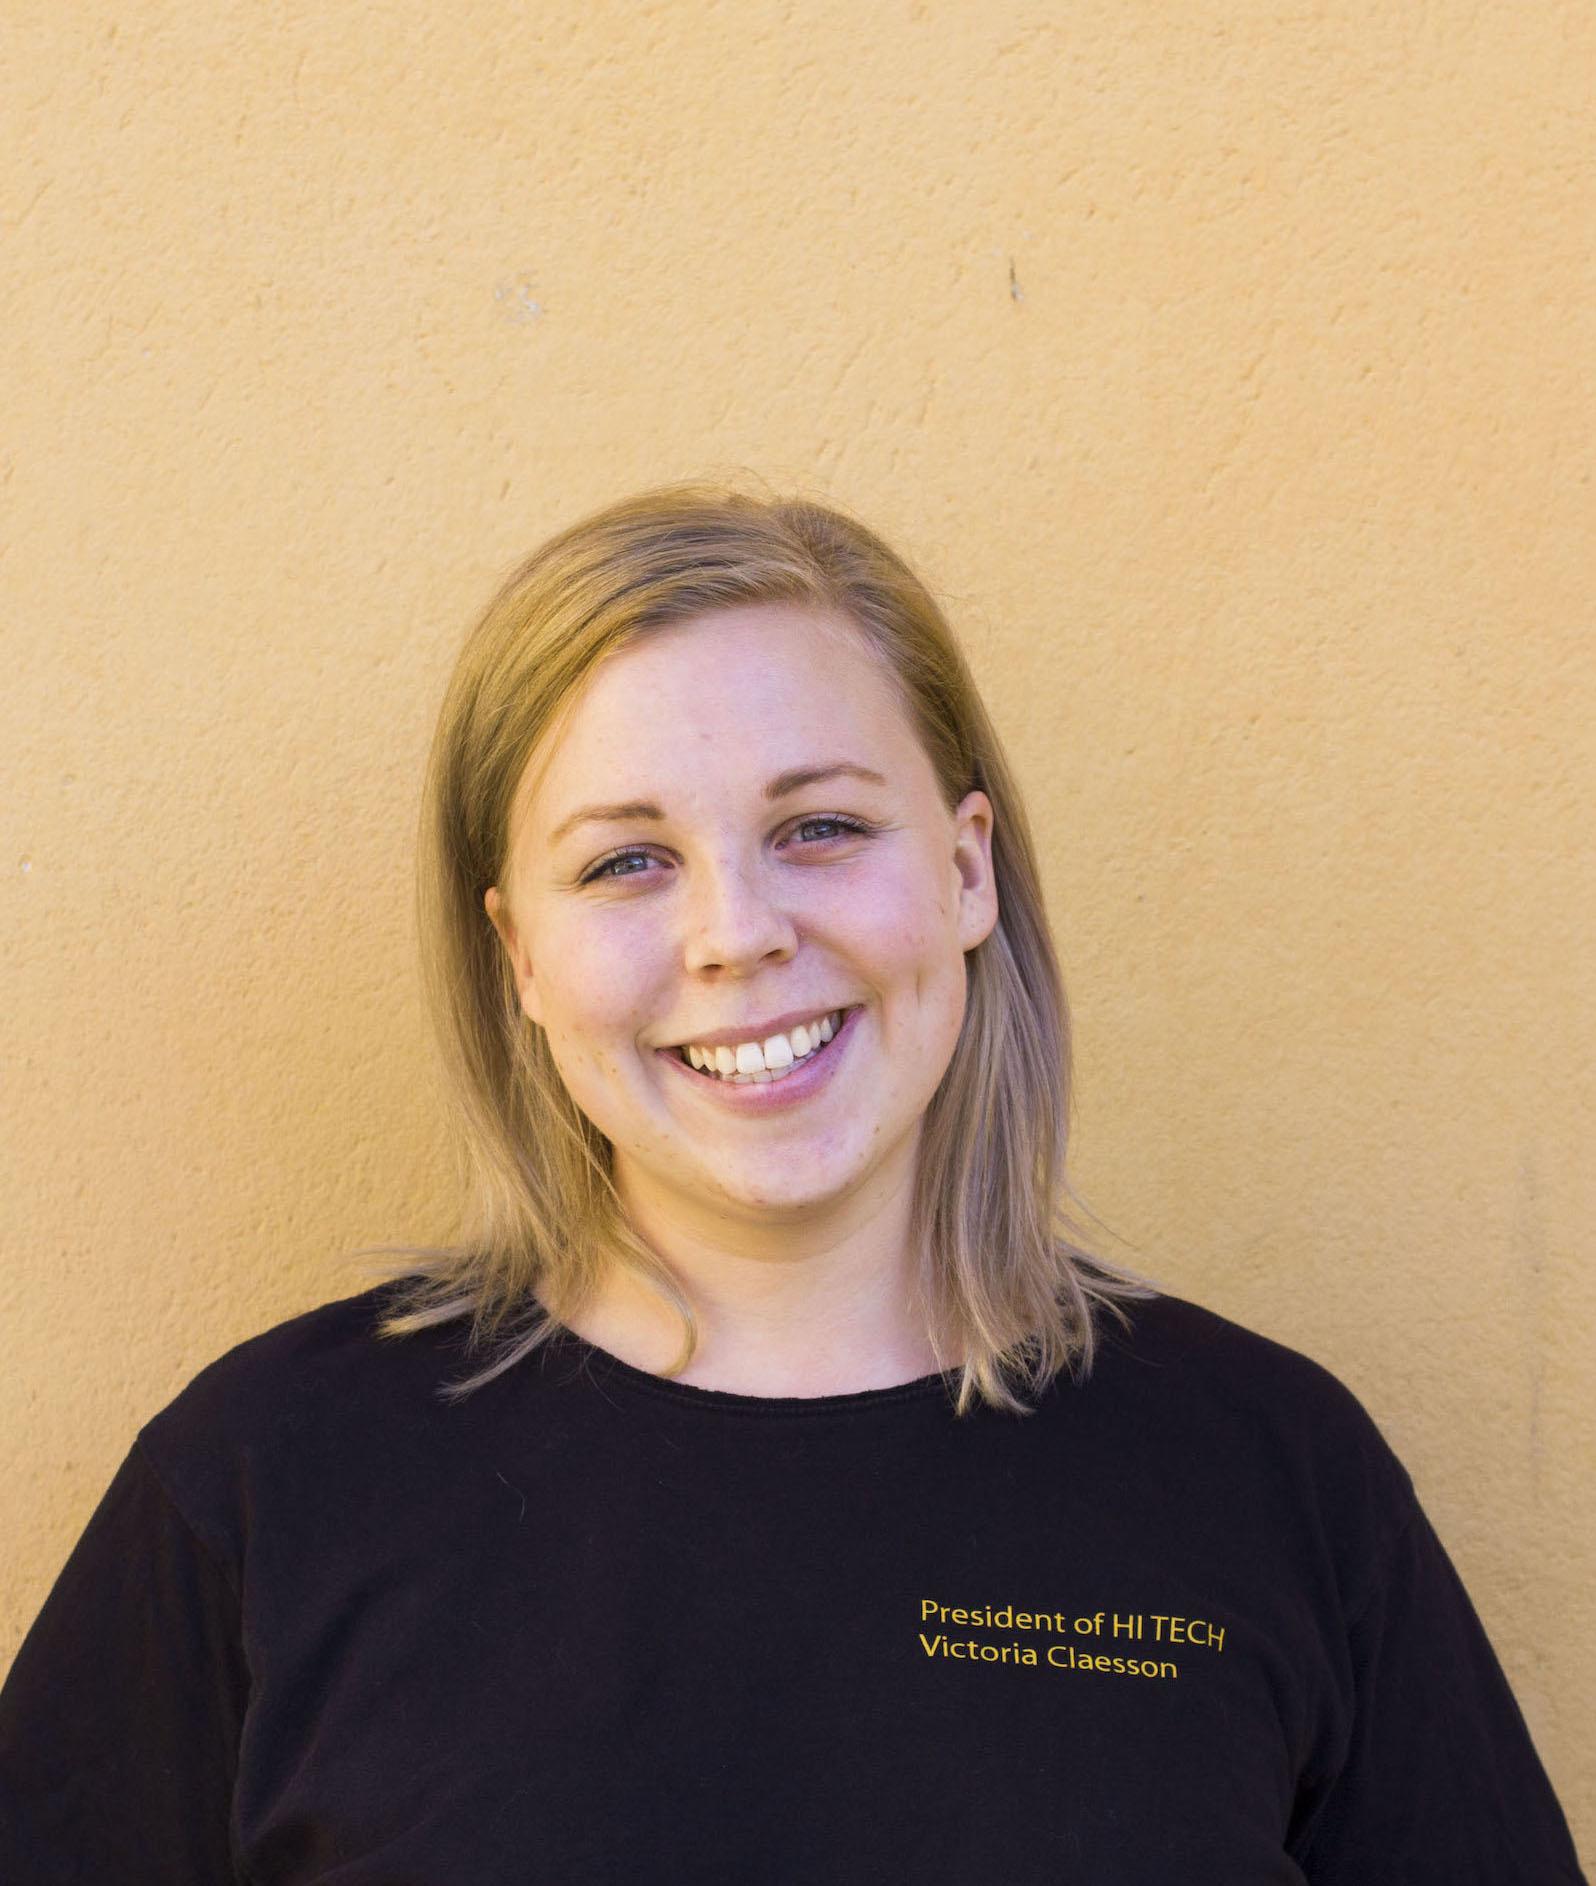 Victoria Claesson, President of HI TECH